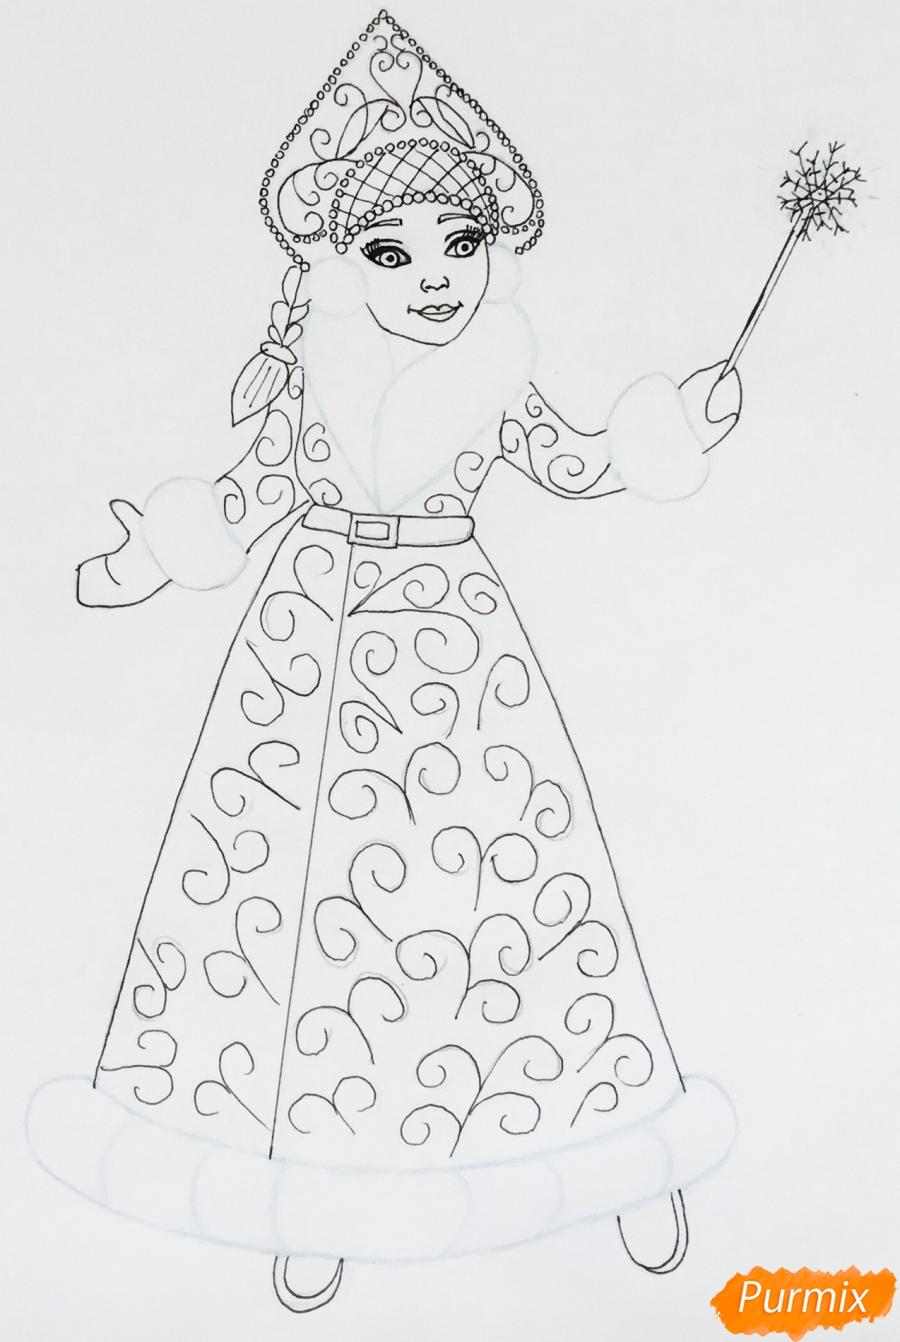 Рисуем снегурочку с волшебной палочкой в руке карандашами - шаг 8